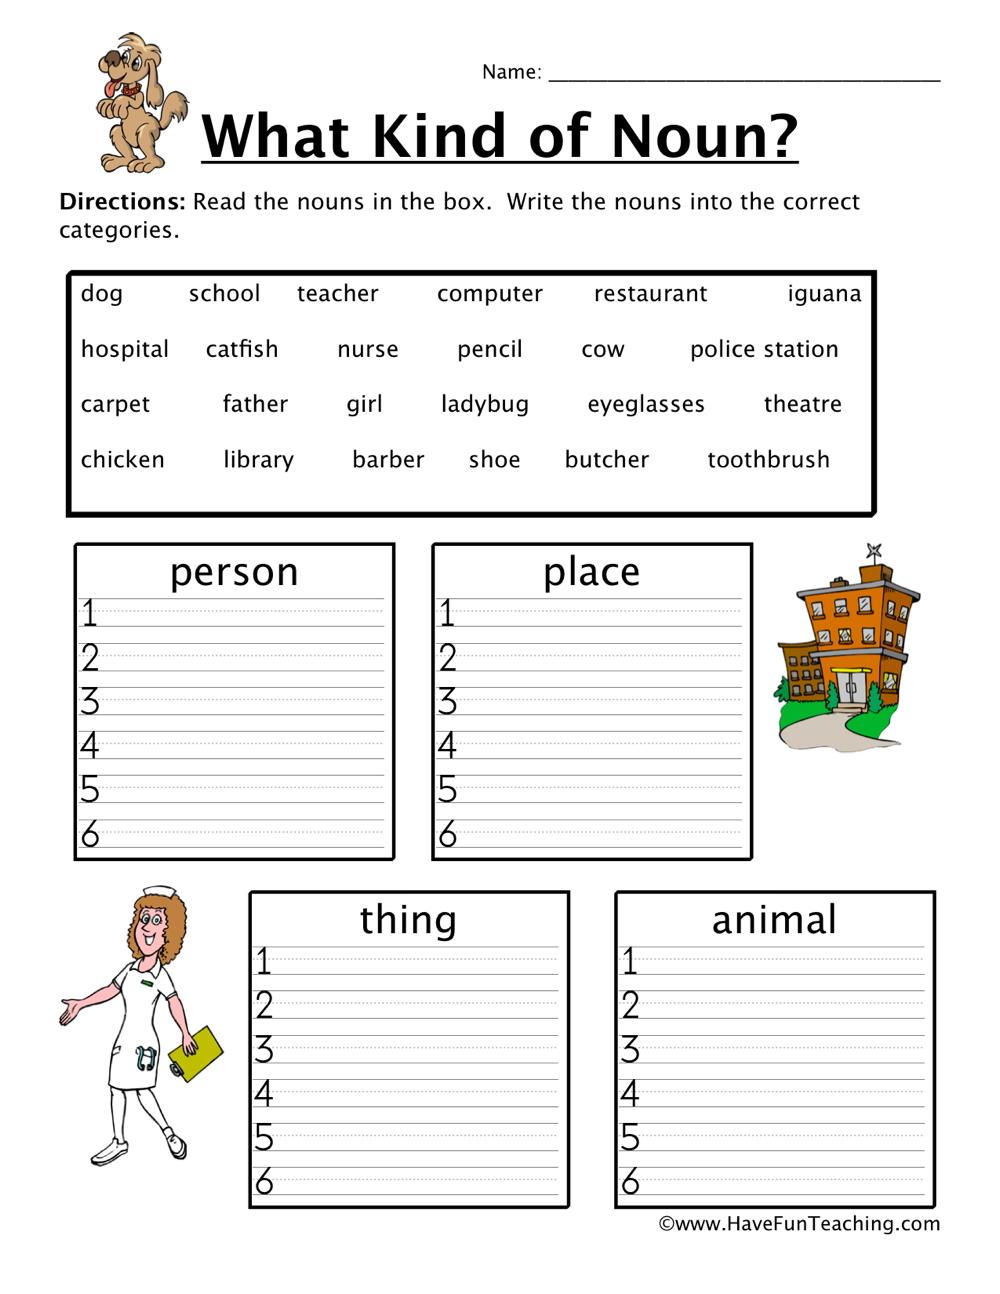 medium resolution of Noun Sorting Worksheet • Have Fun Teaching